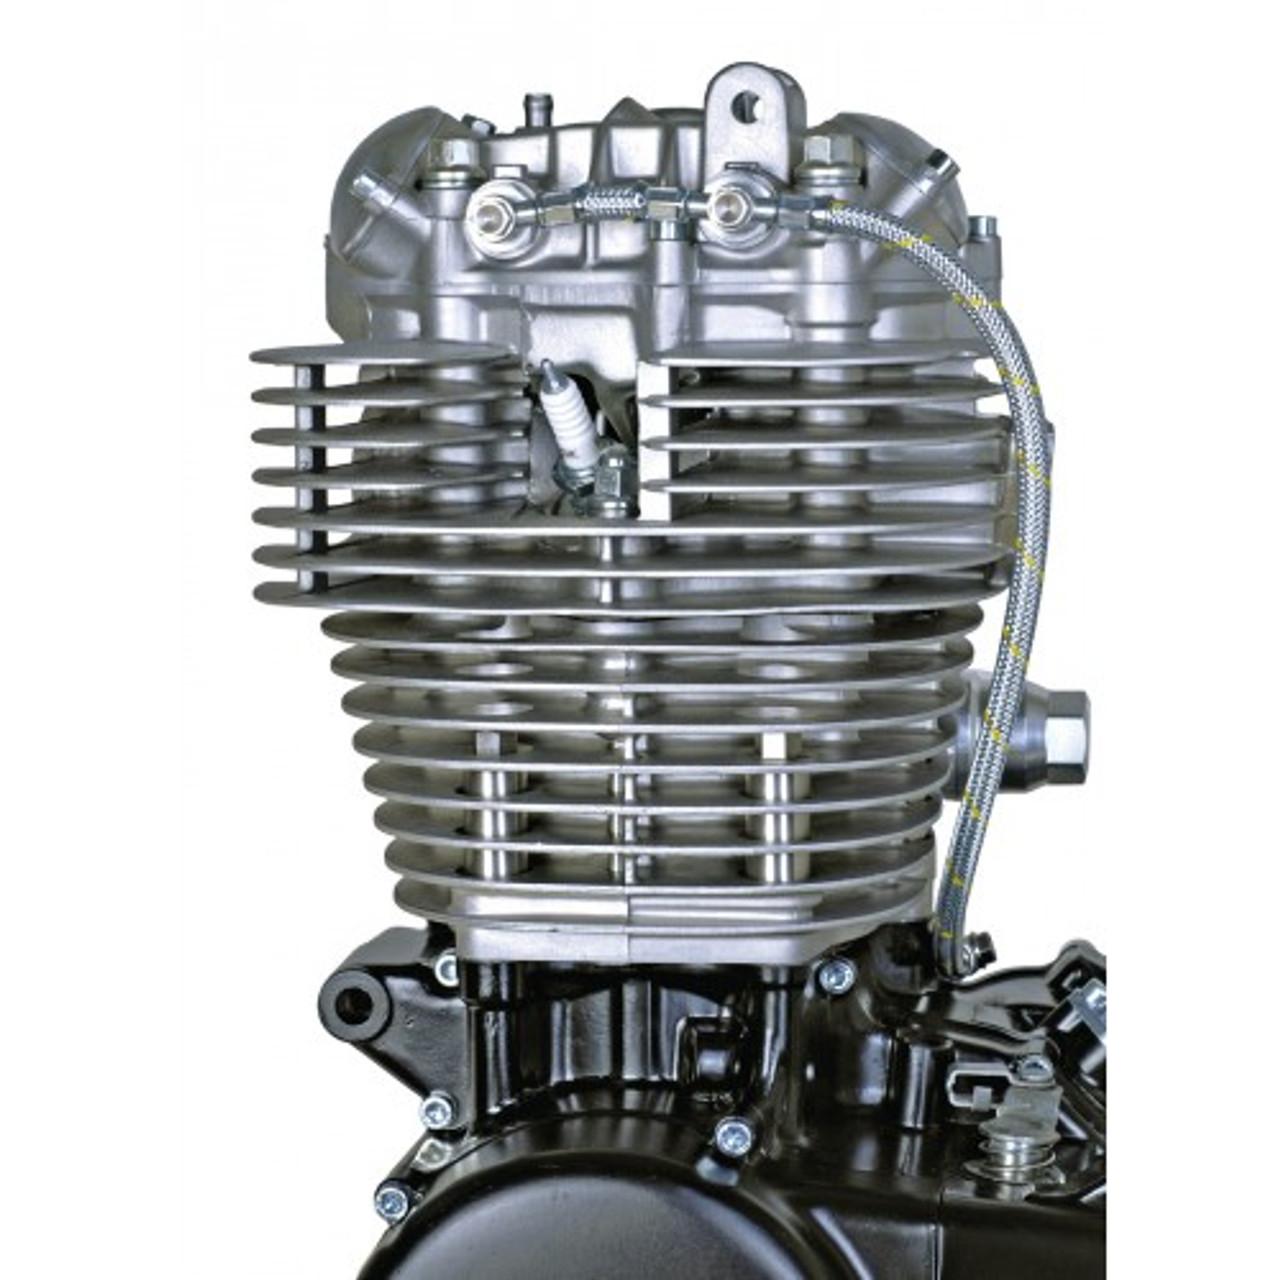 Oil Line Kit Twin Feed 'RaceLine' Braided Stainless SR400 SR500 TT500 XT500